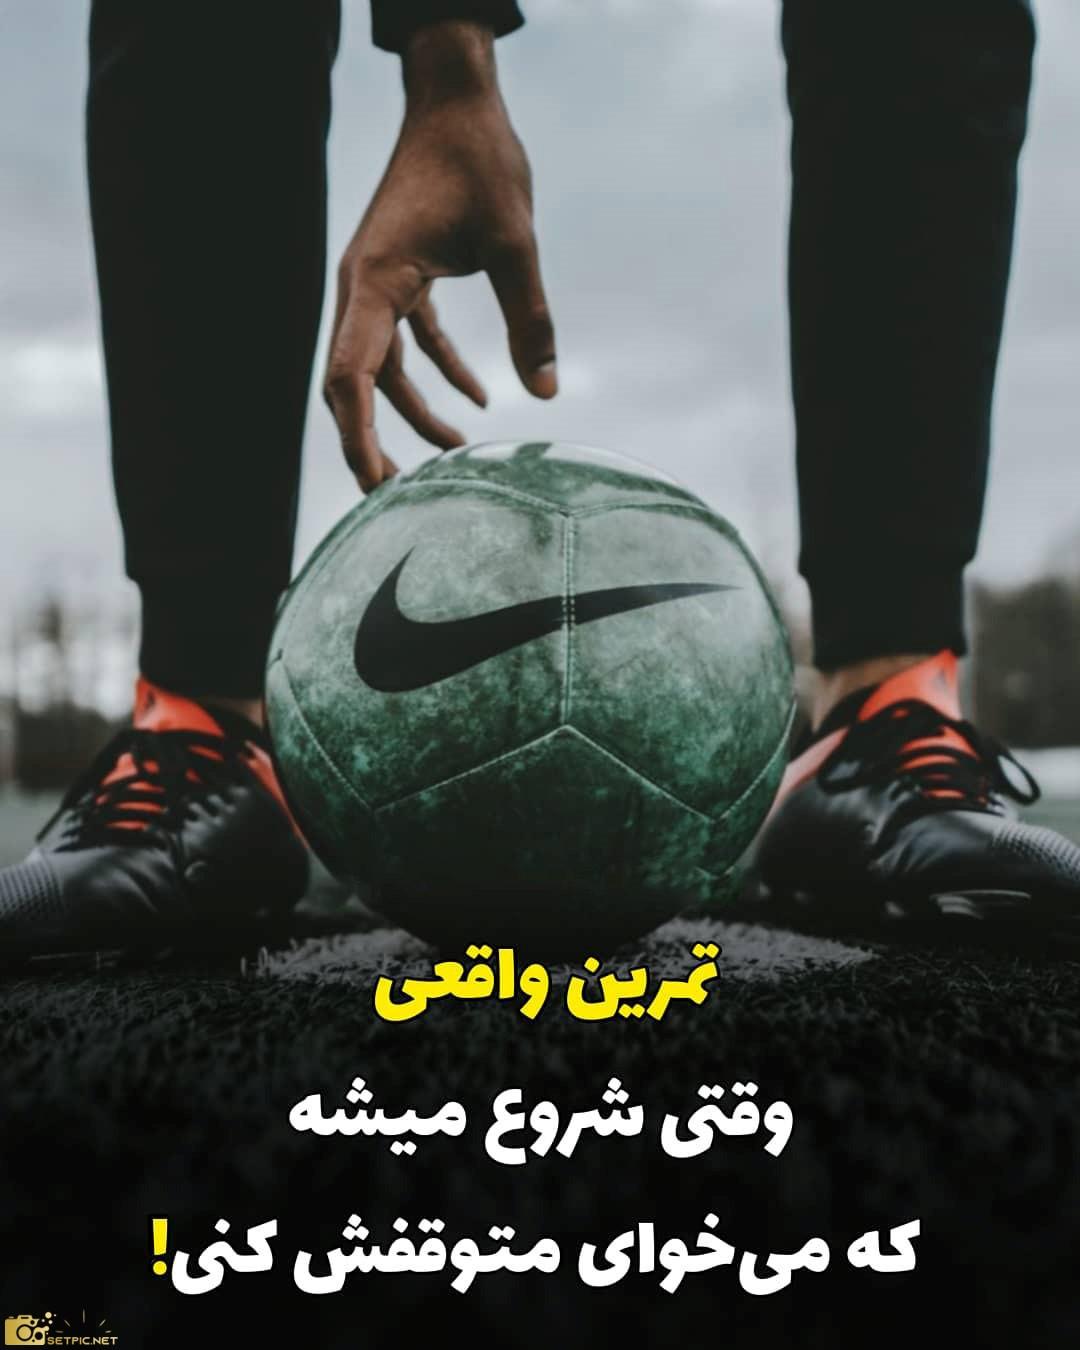 استوری انگیزشی فوتبالی